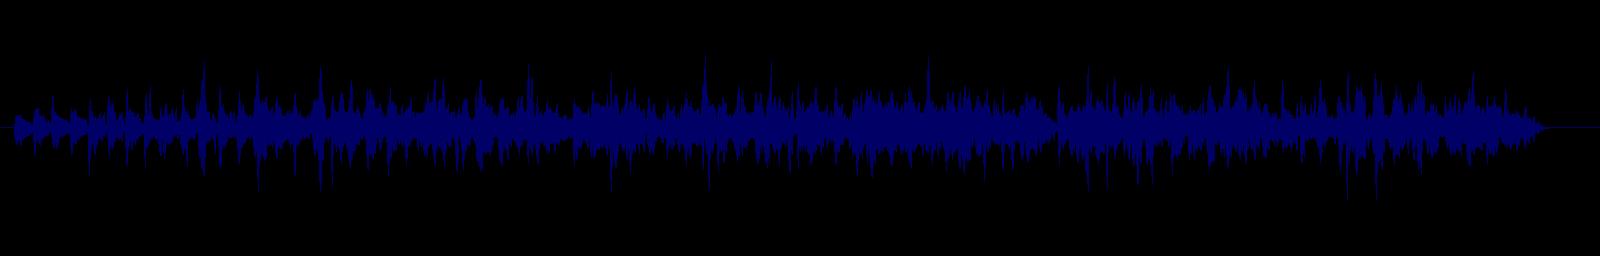 waveform of track #143615